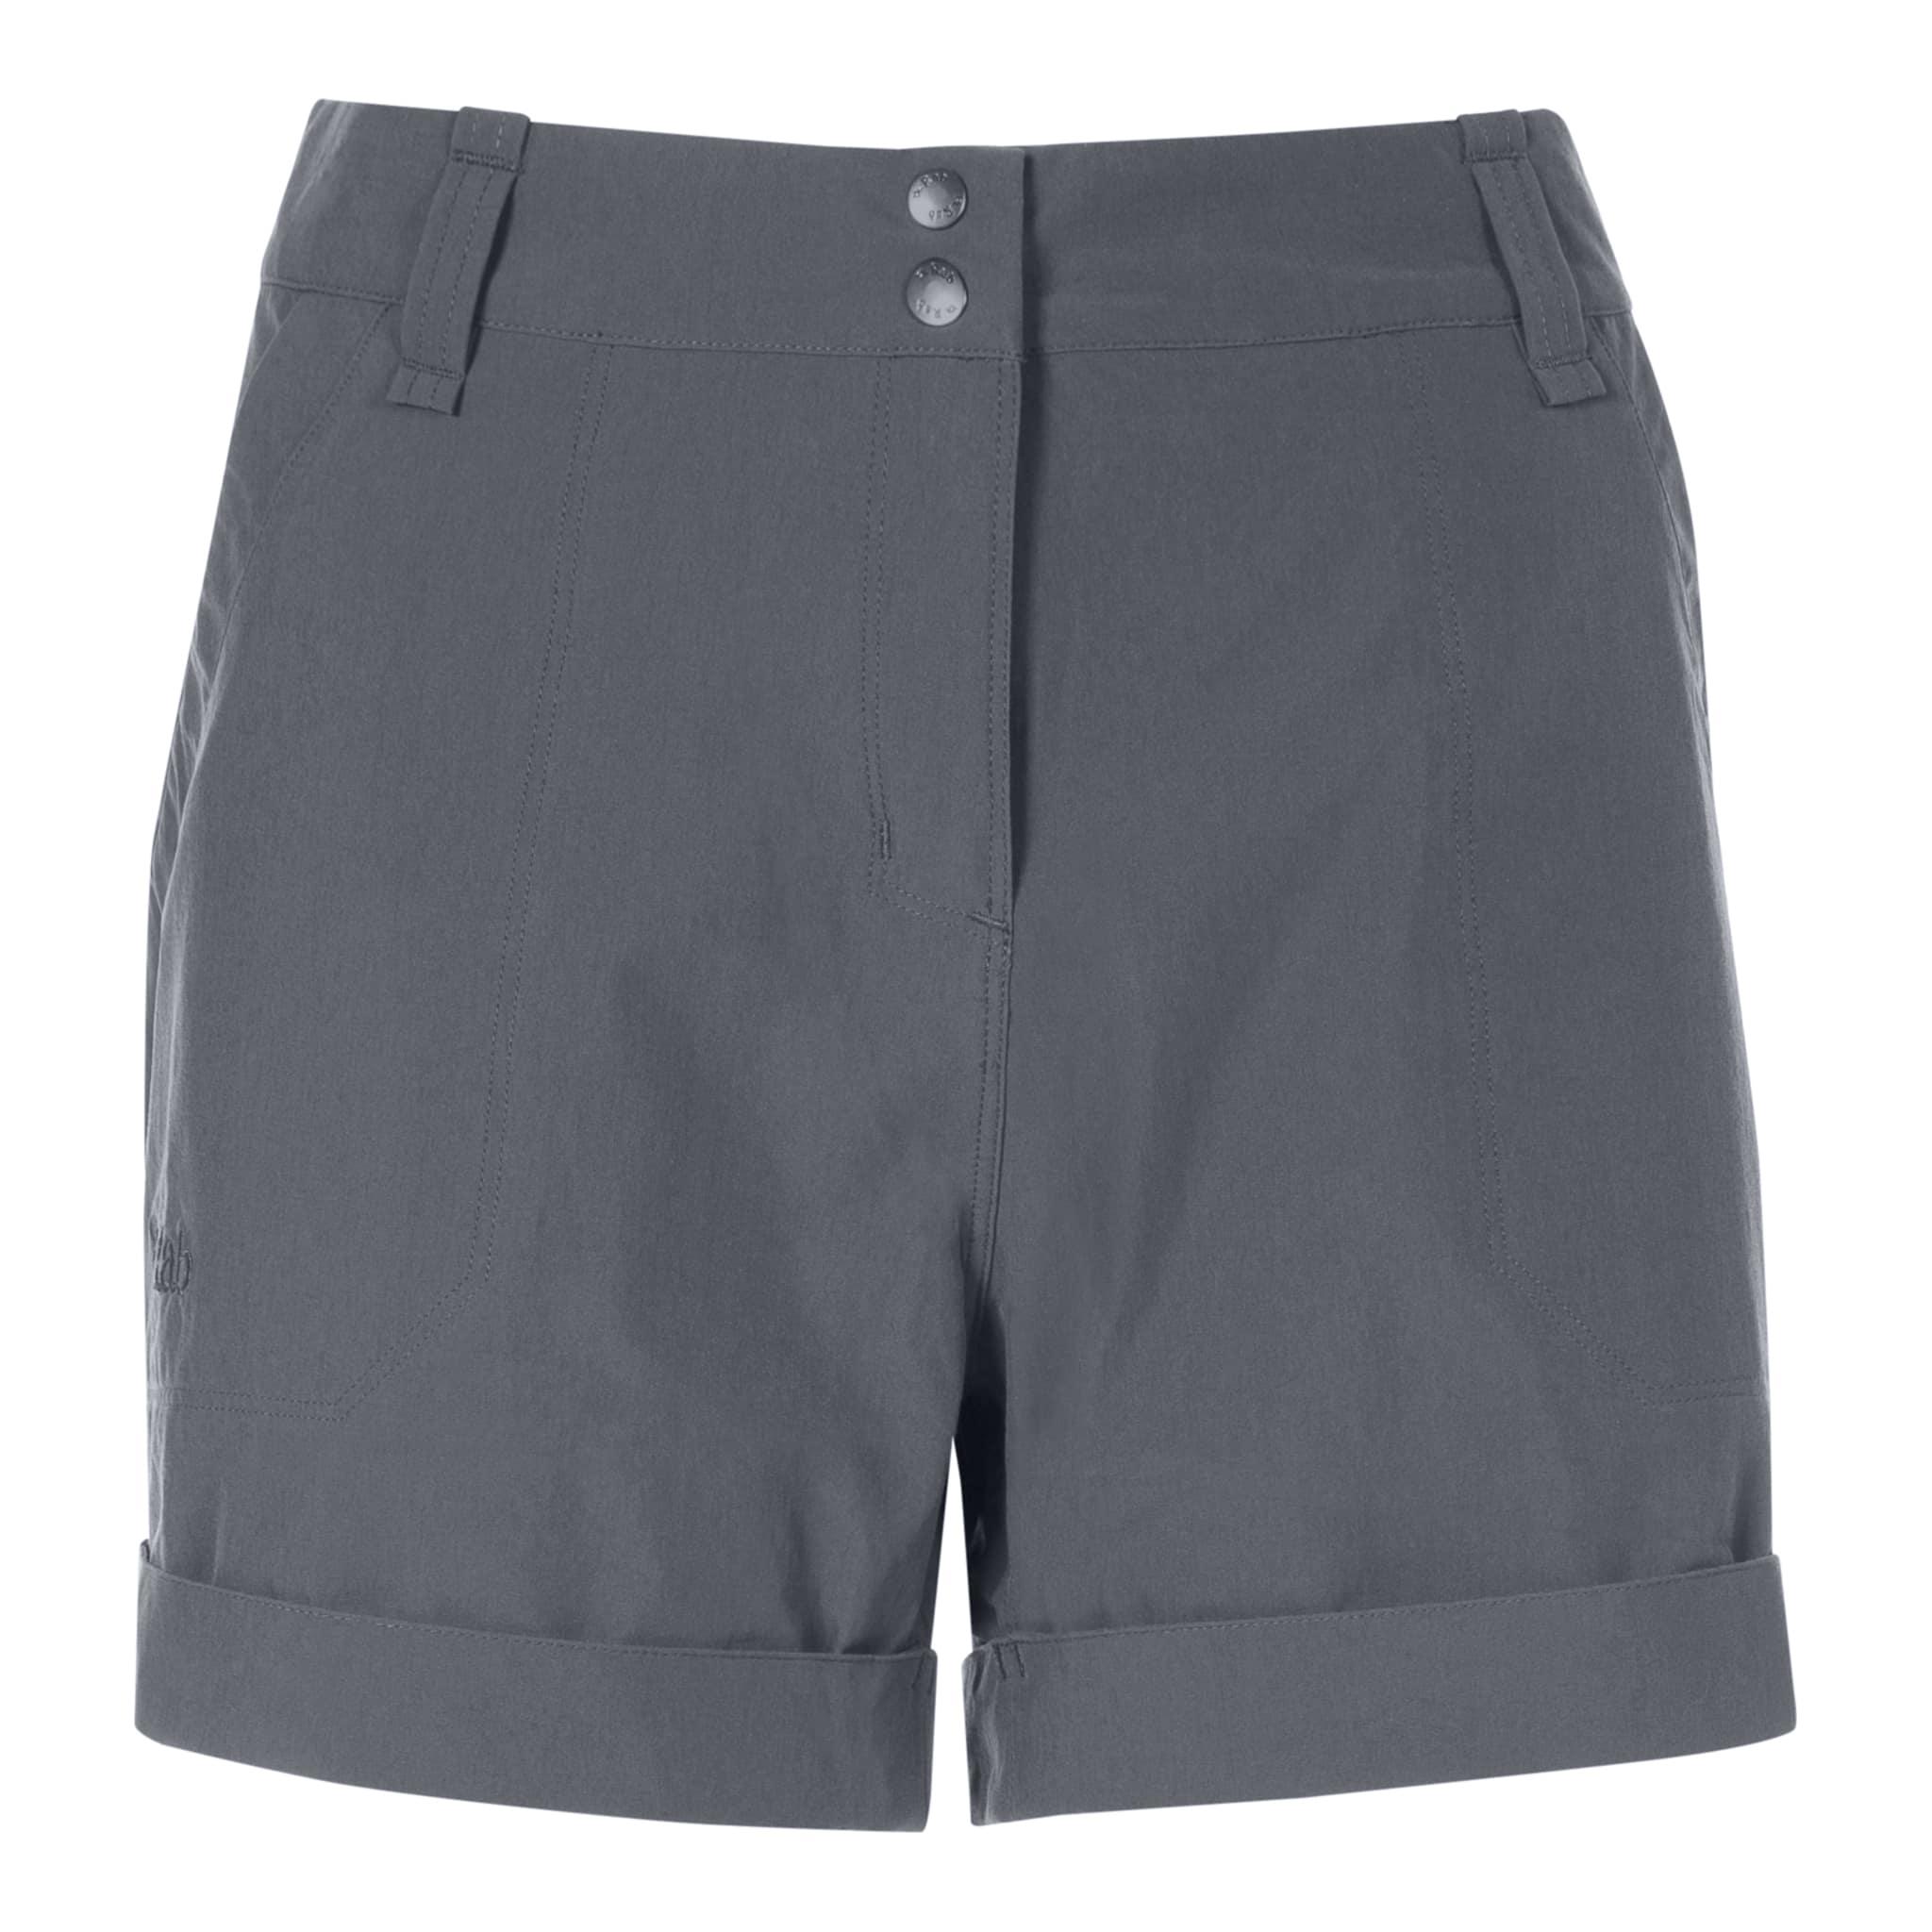 Hurtigtørkende shorts til varmt vær